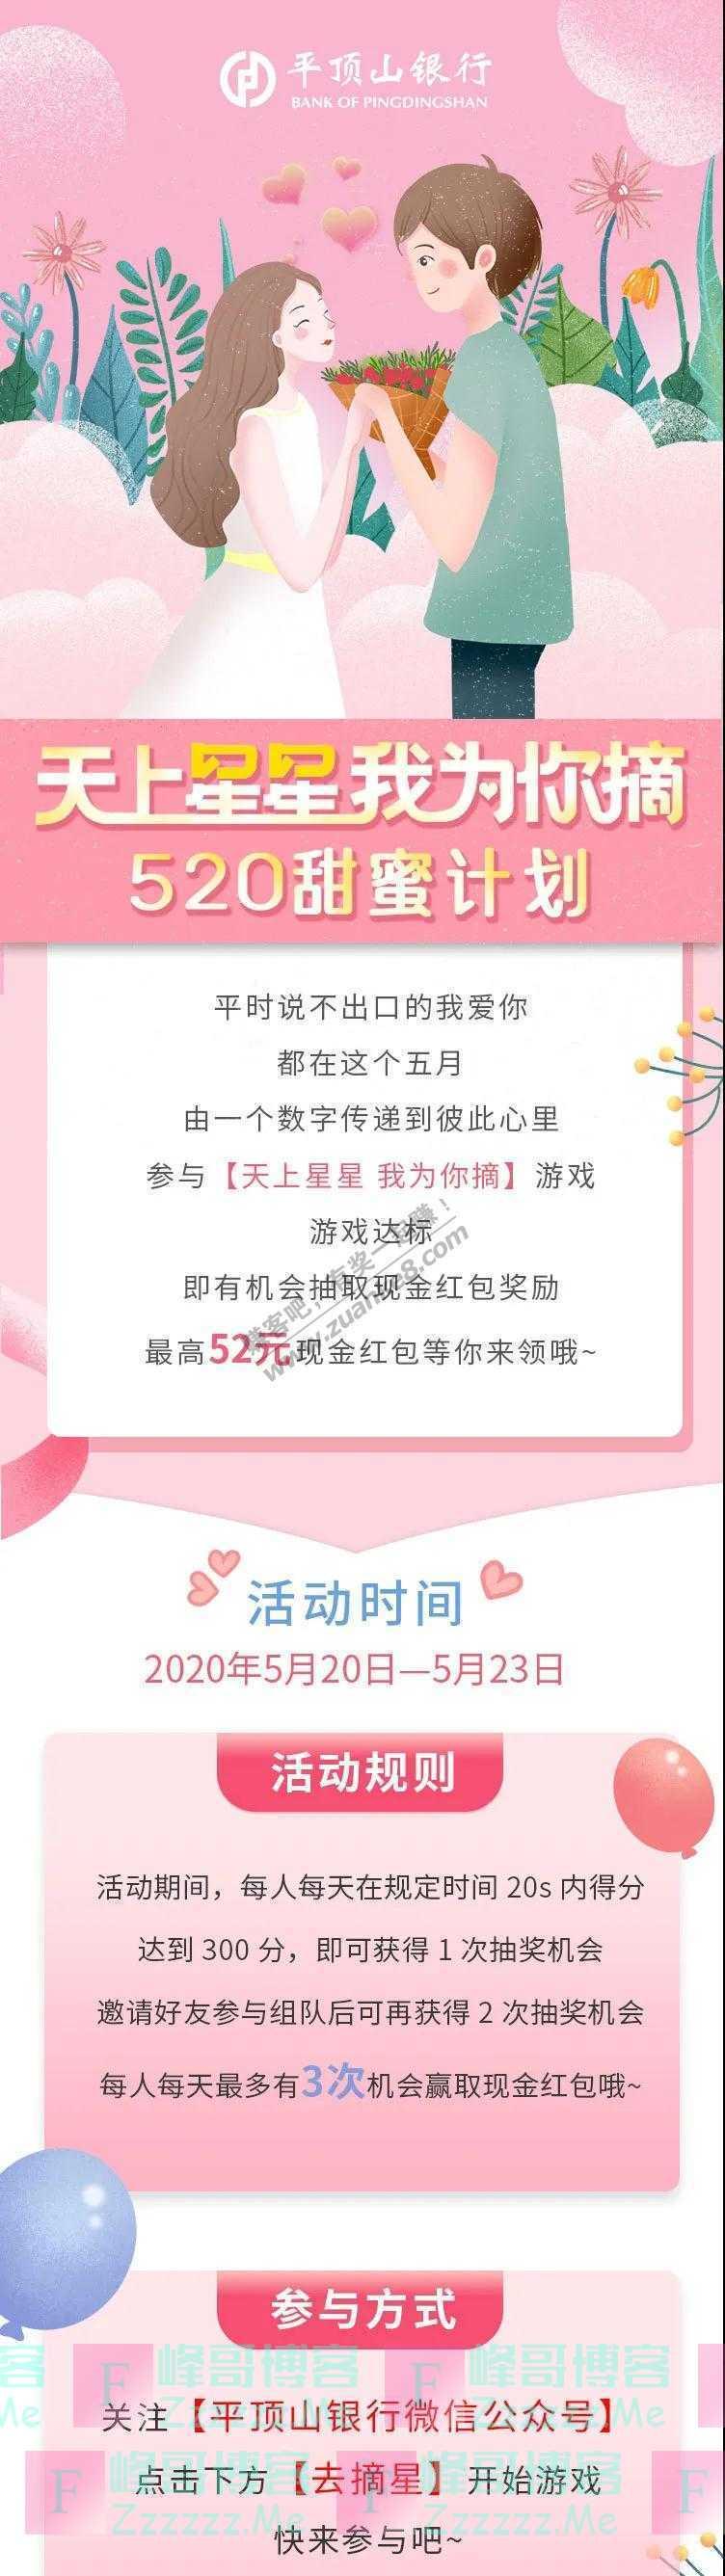 平顶山银行520高甜福利来袭:瓜分1万份现金红包(截止5月23日)